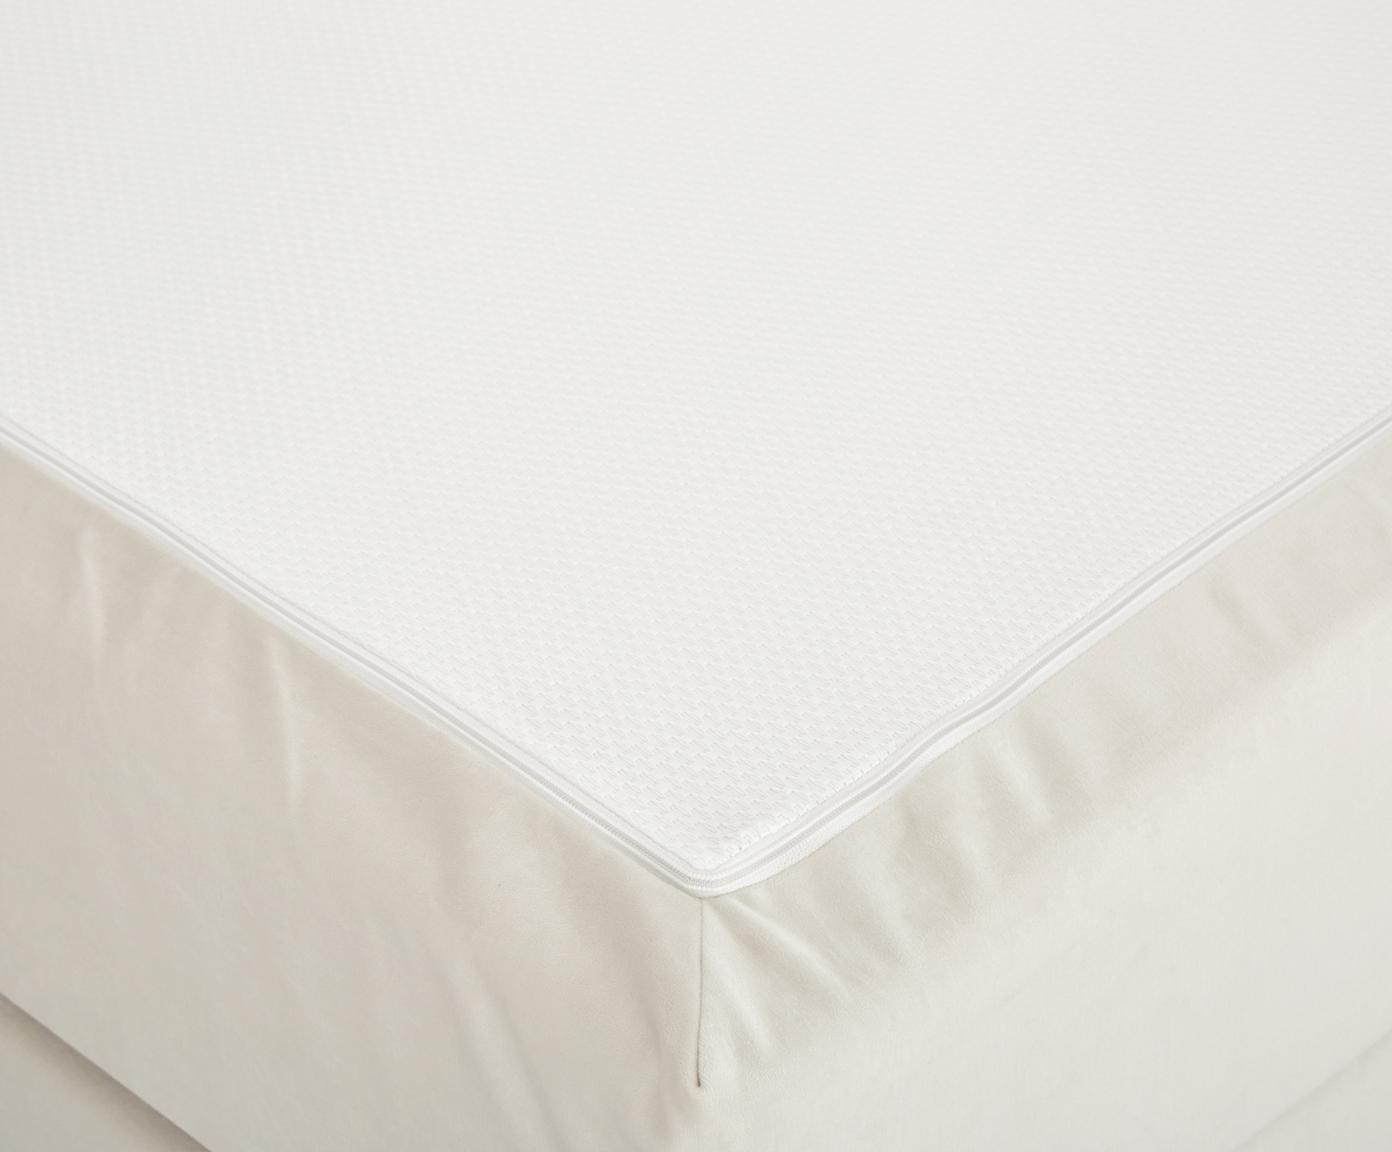 Premium Samt-Boxspringbett Lacey, Matratze: 7-Zonen-Taschenfederkern , Füße: Massives Buchenholz, lack, Beige, 140 x 200 cm